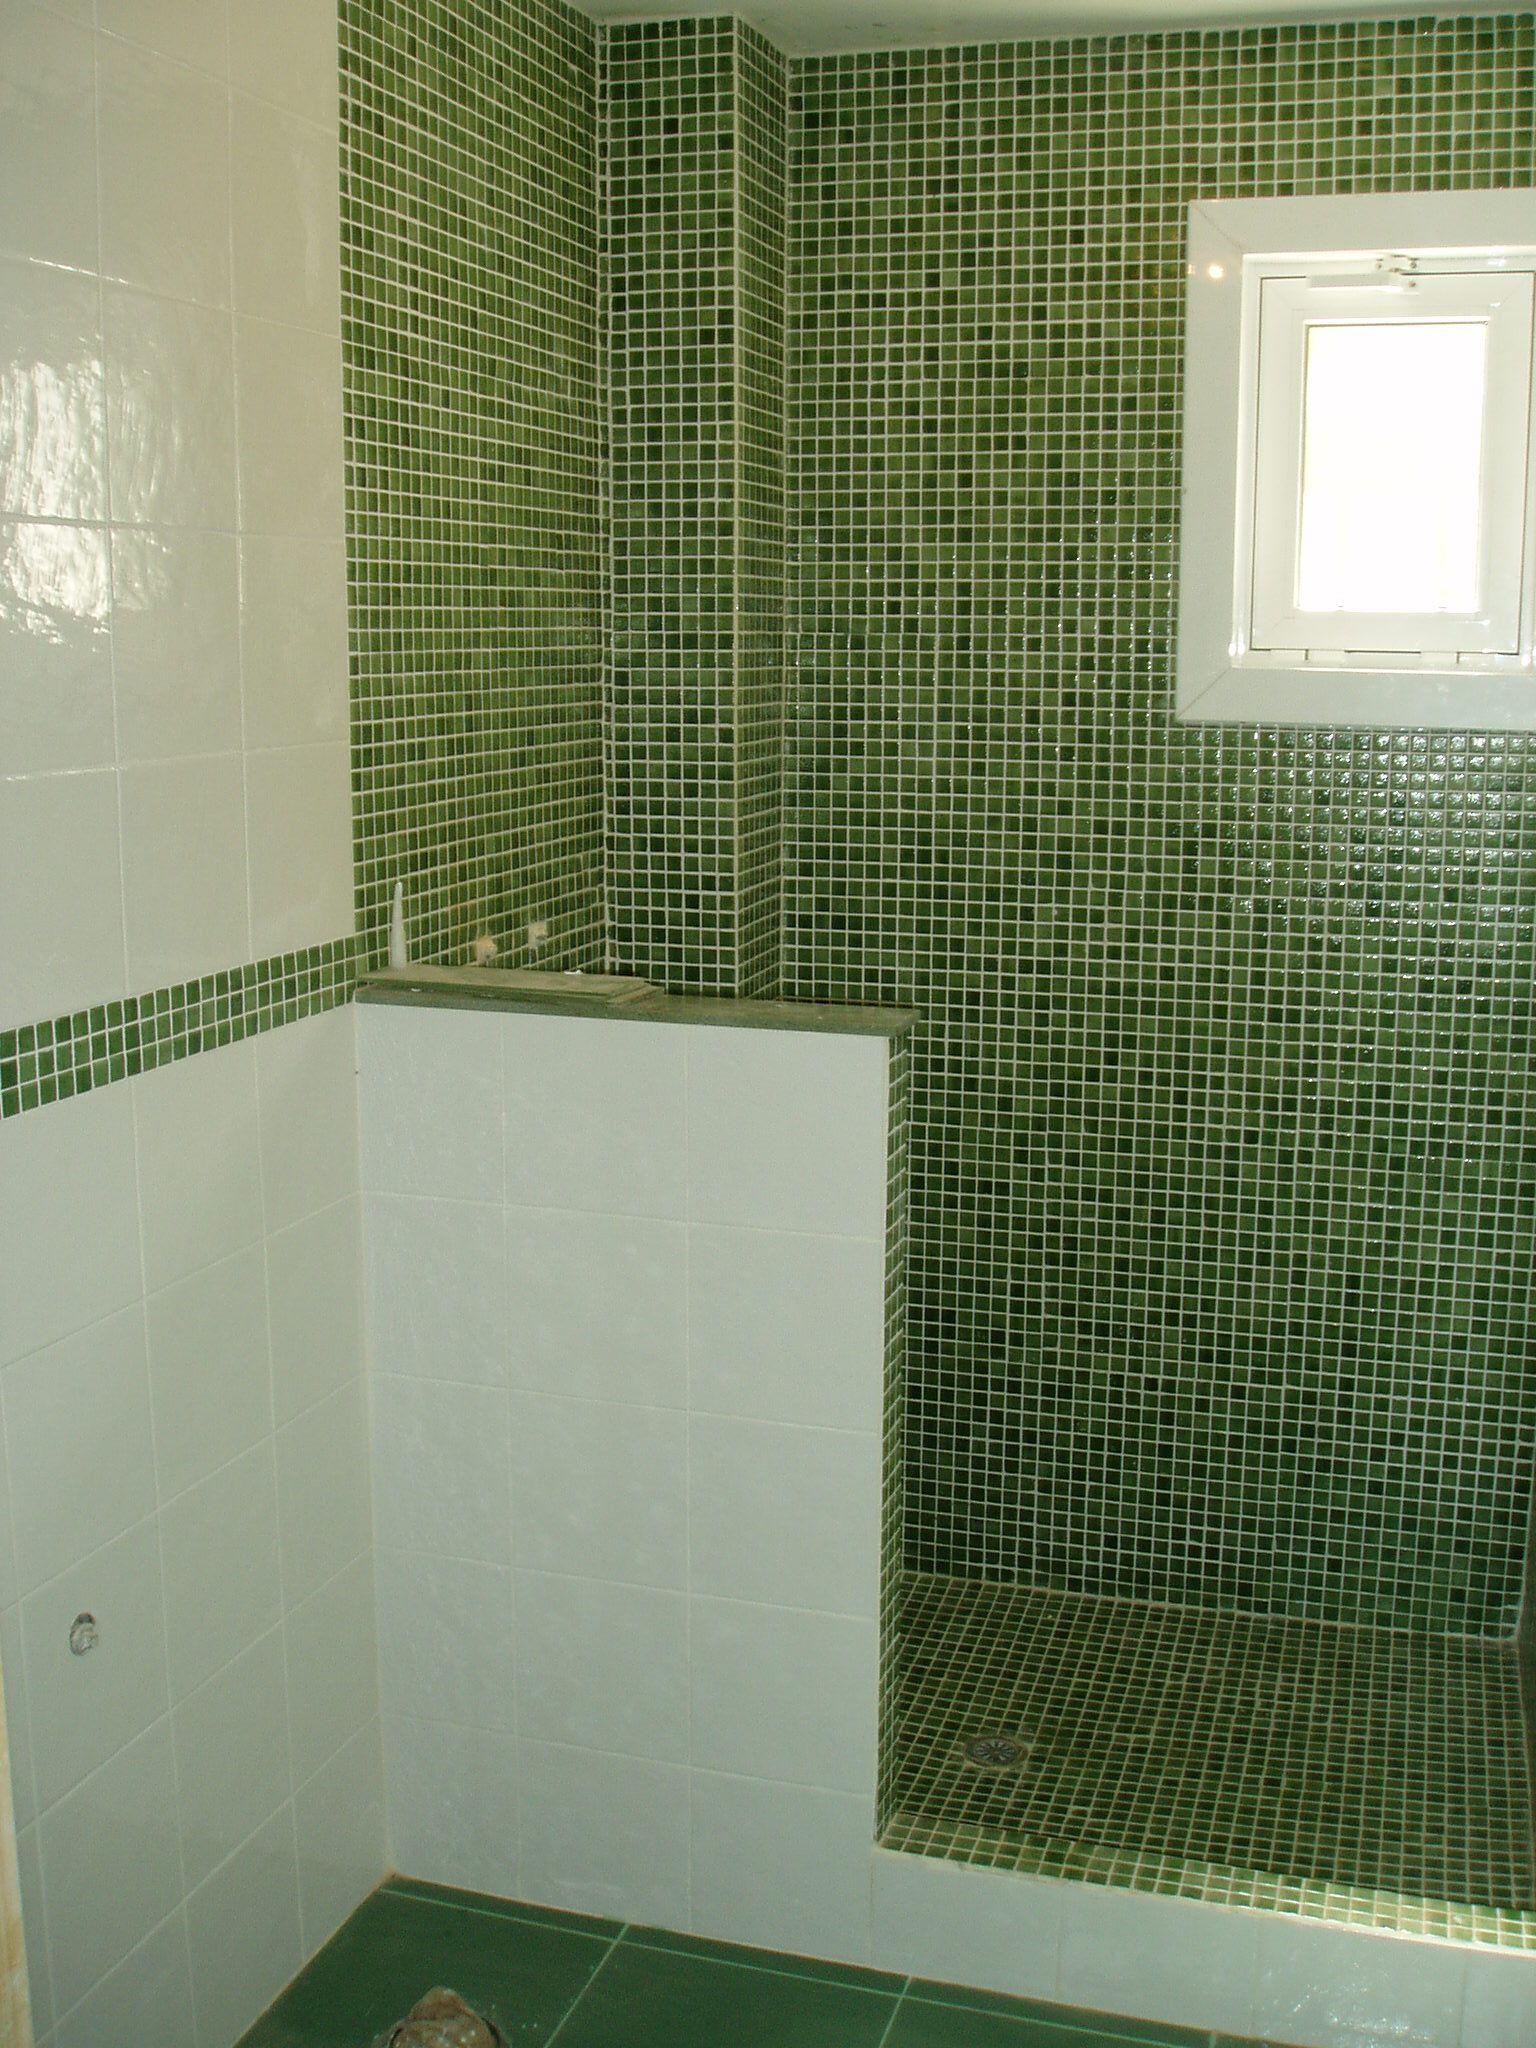 Bao gresite verde en combinacin con azulejo blanco